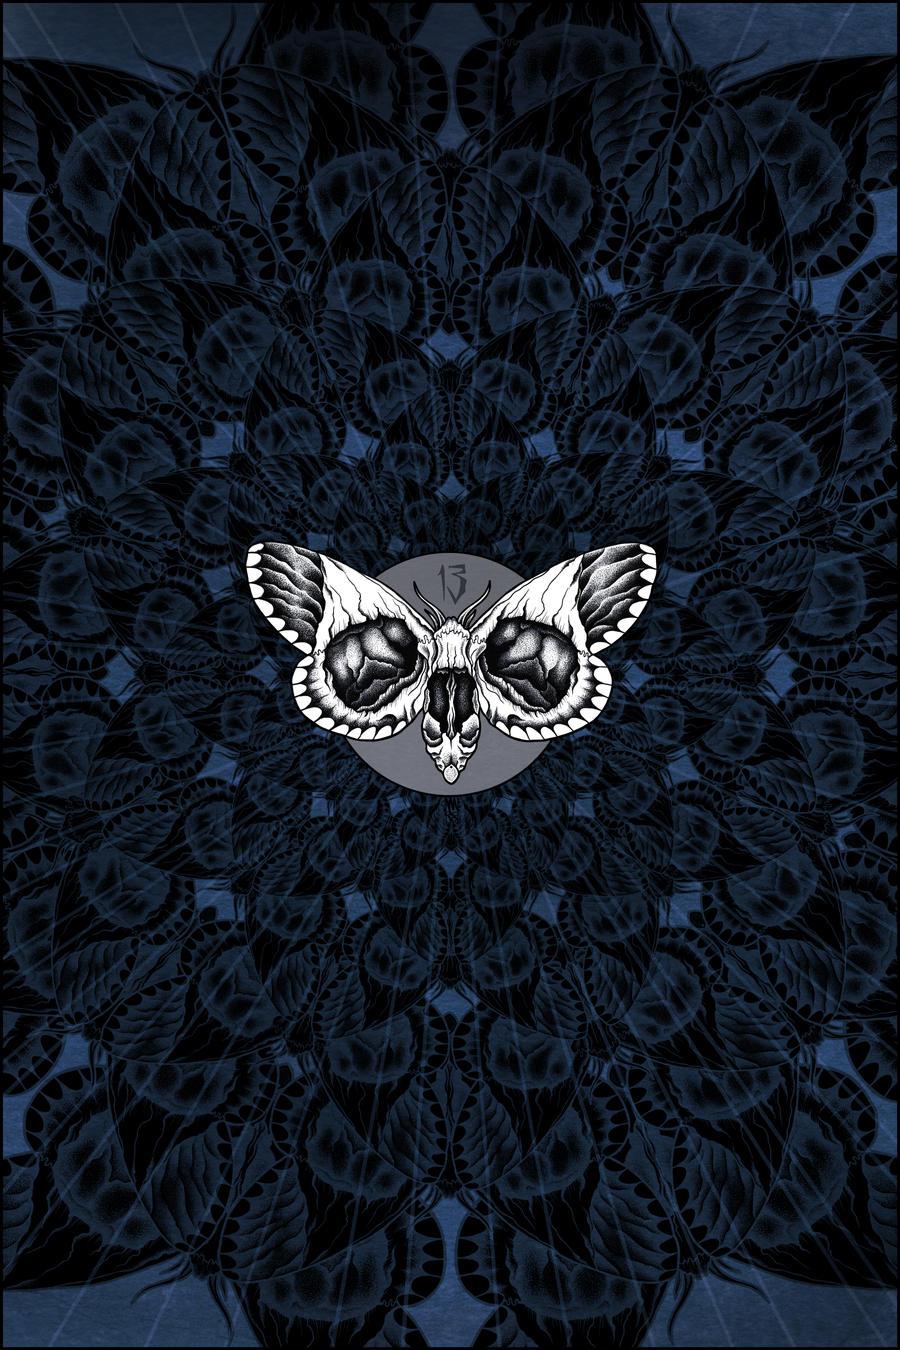 xXx Mothzilla xXx by monkeydeathcult